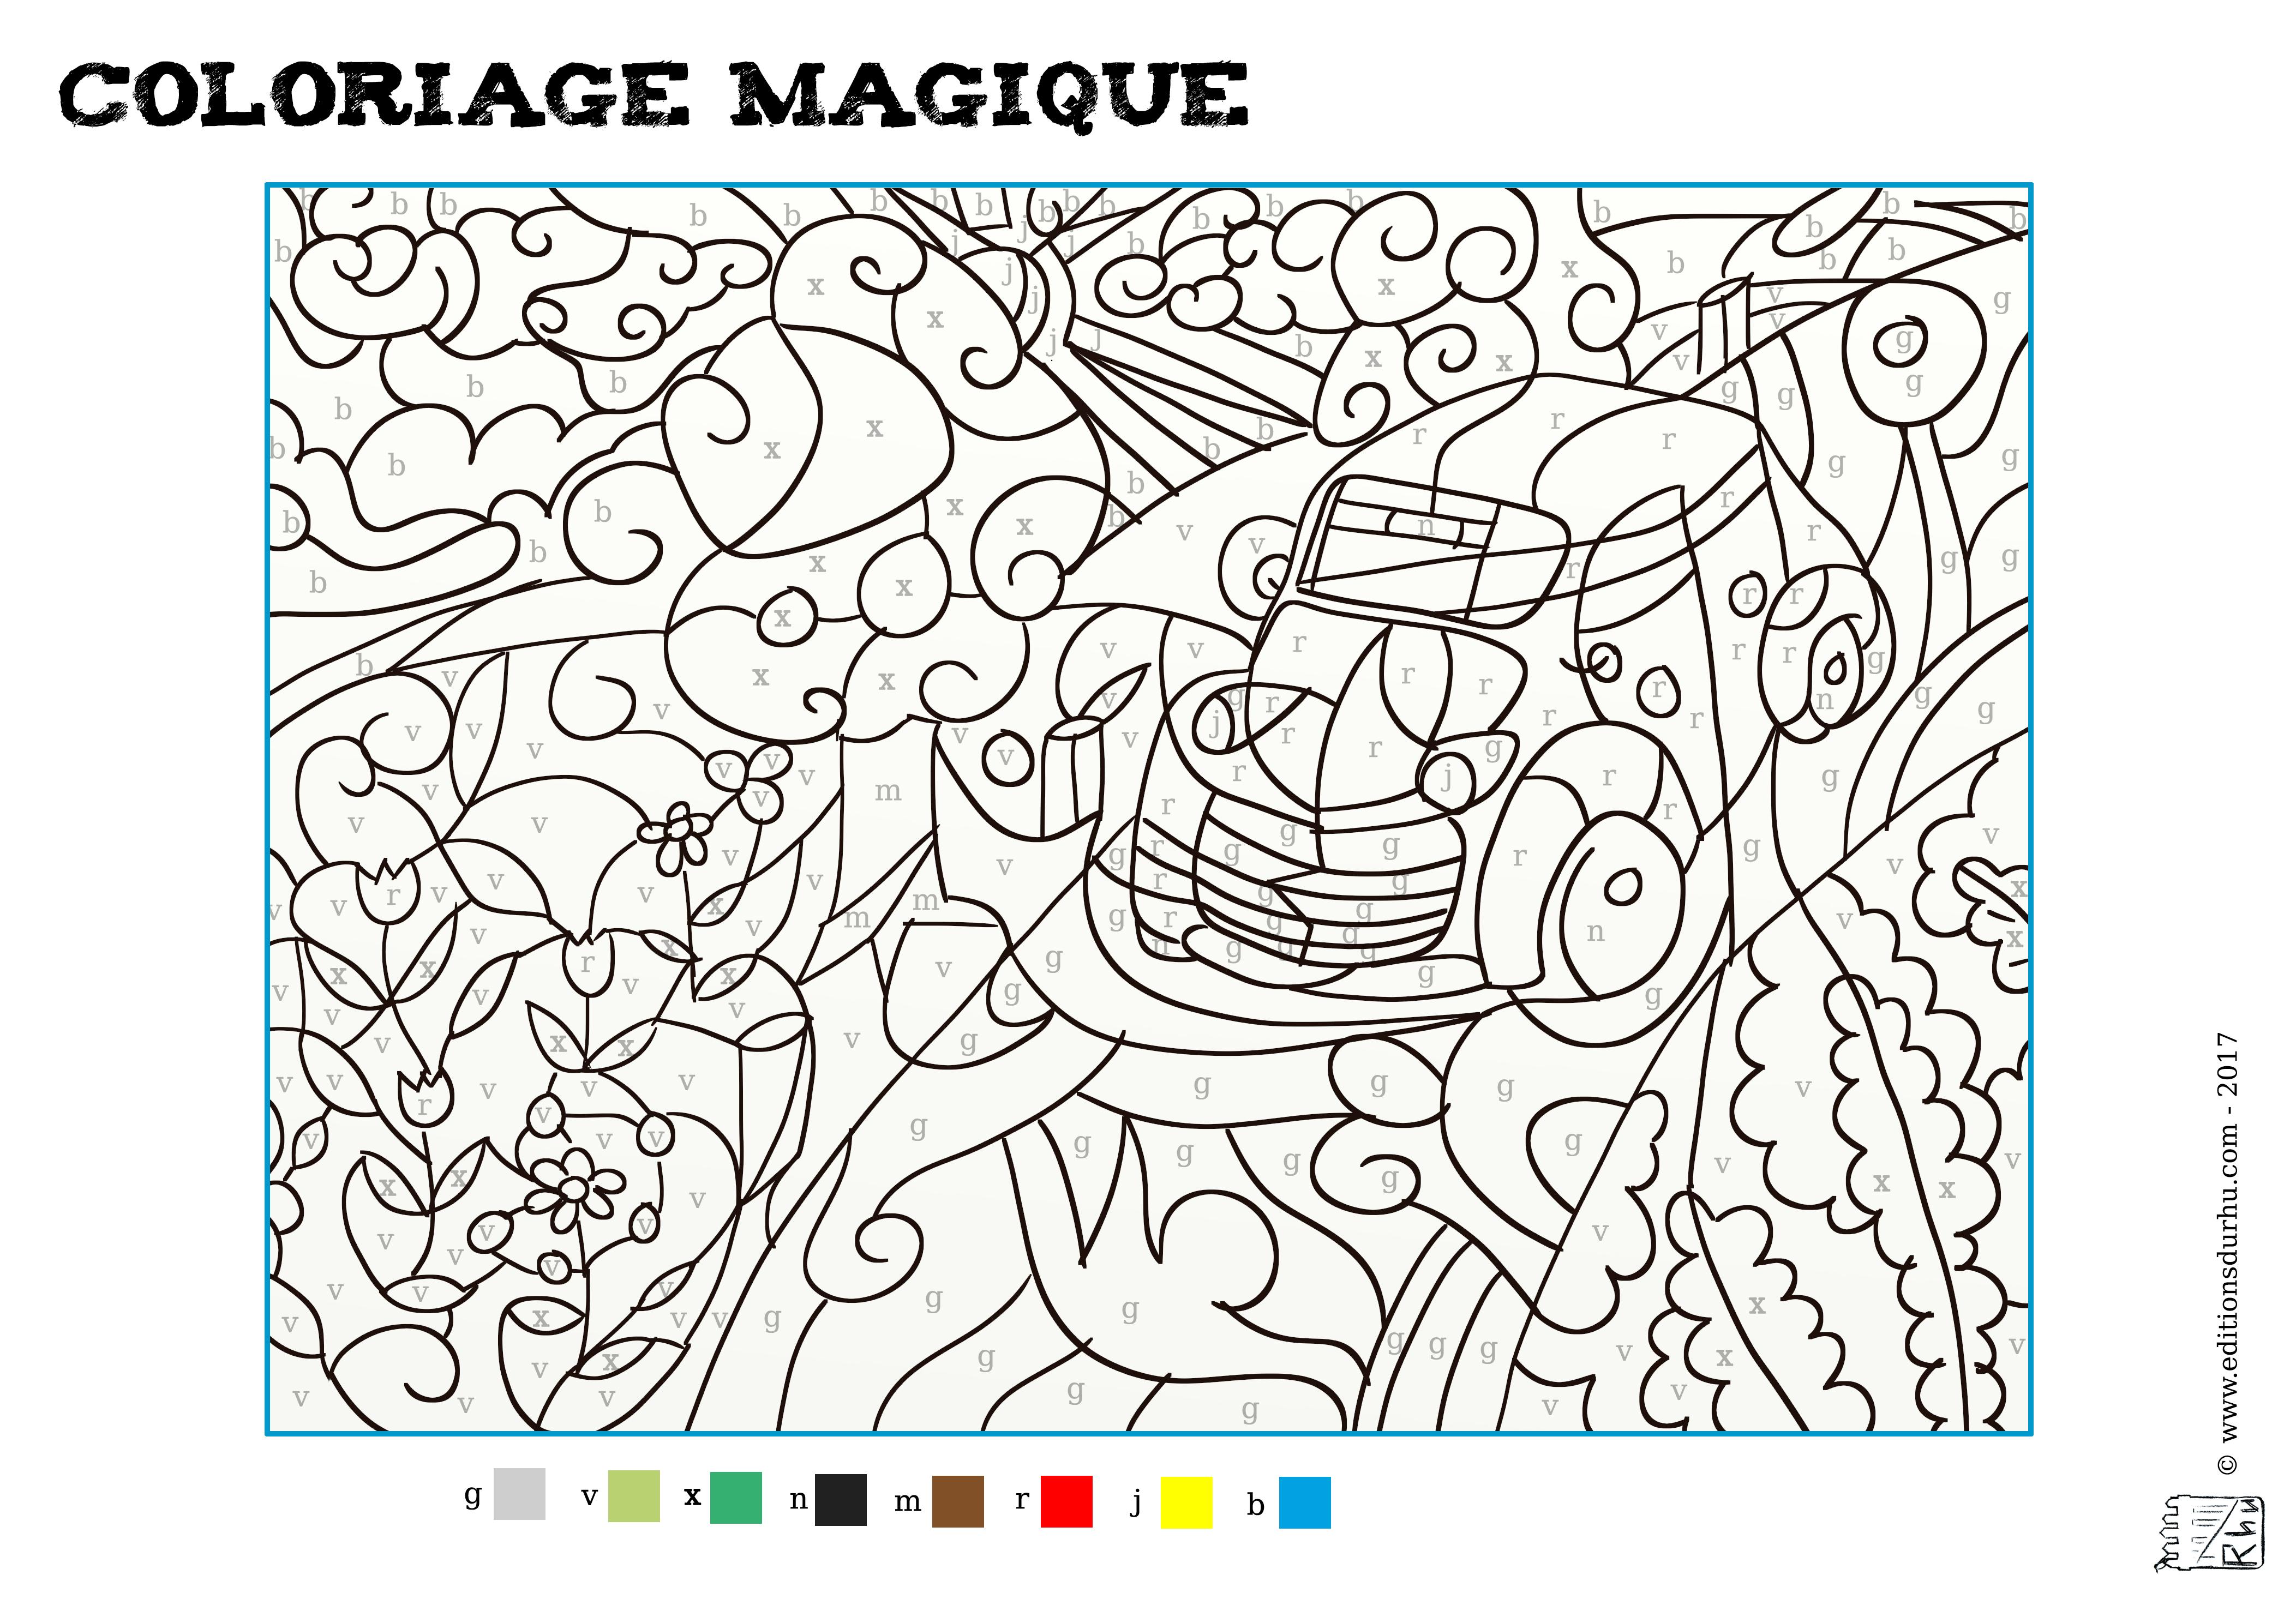 Coloriage Magique #3 - Maison Du Rhu intérieur Coloriage Magique Adulte À Imprimer